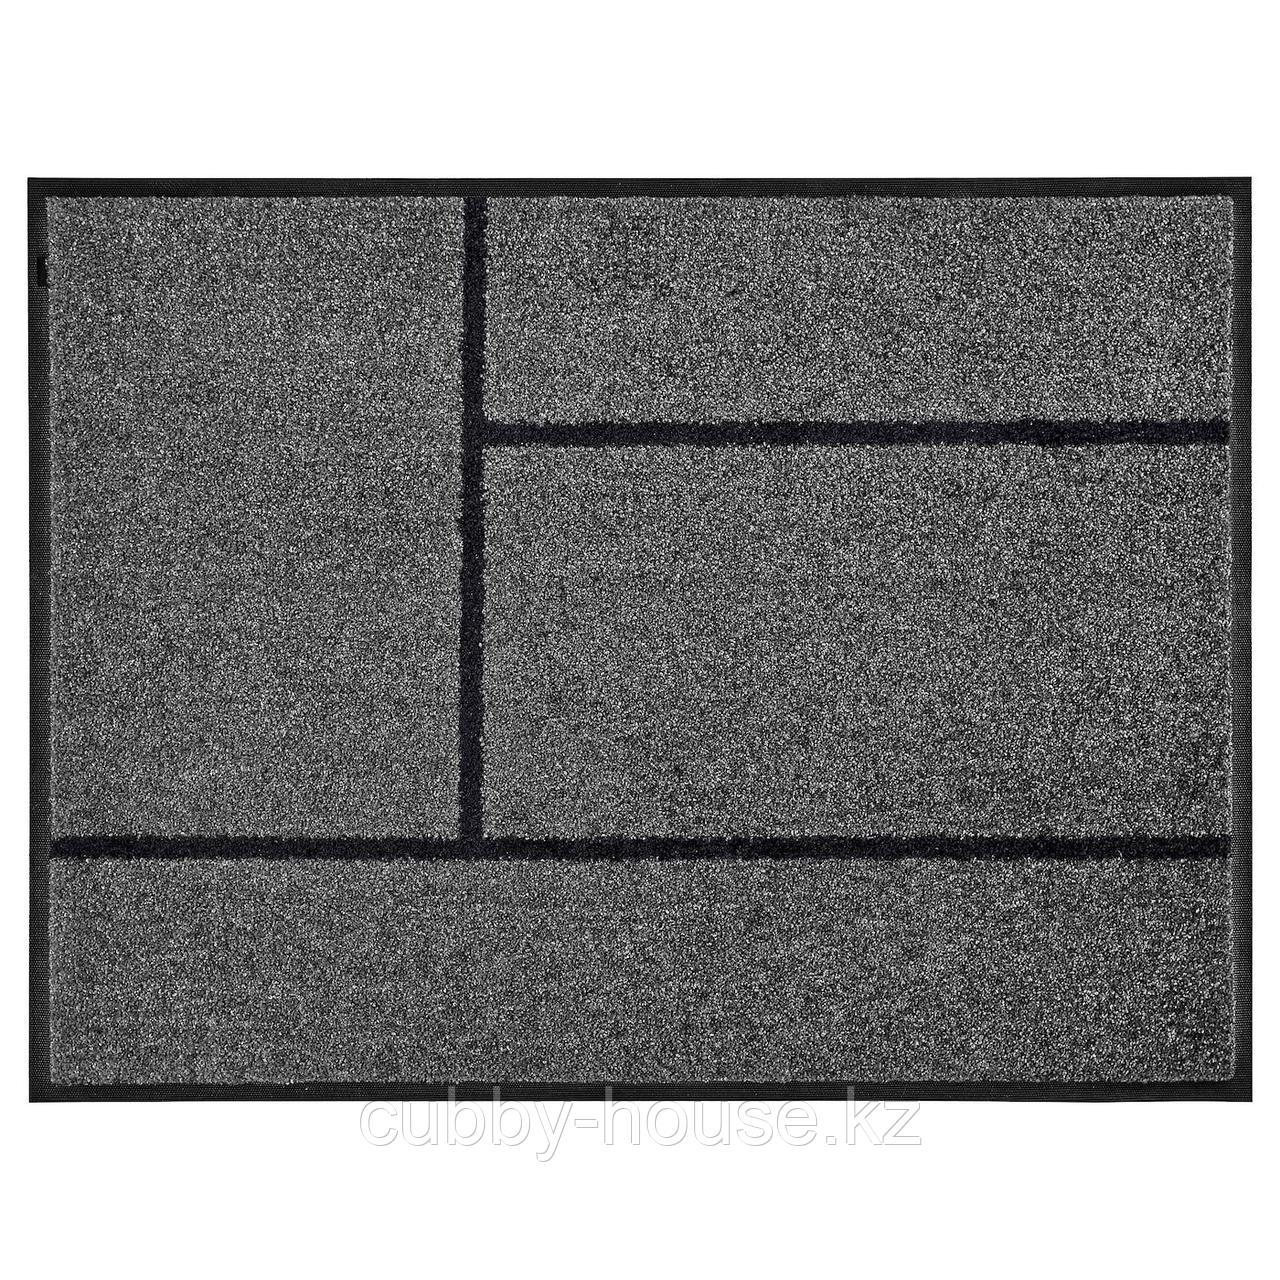 КЁГЕ Придверный коврик, серый, черный, 69x90 см